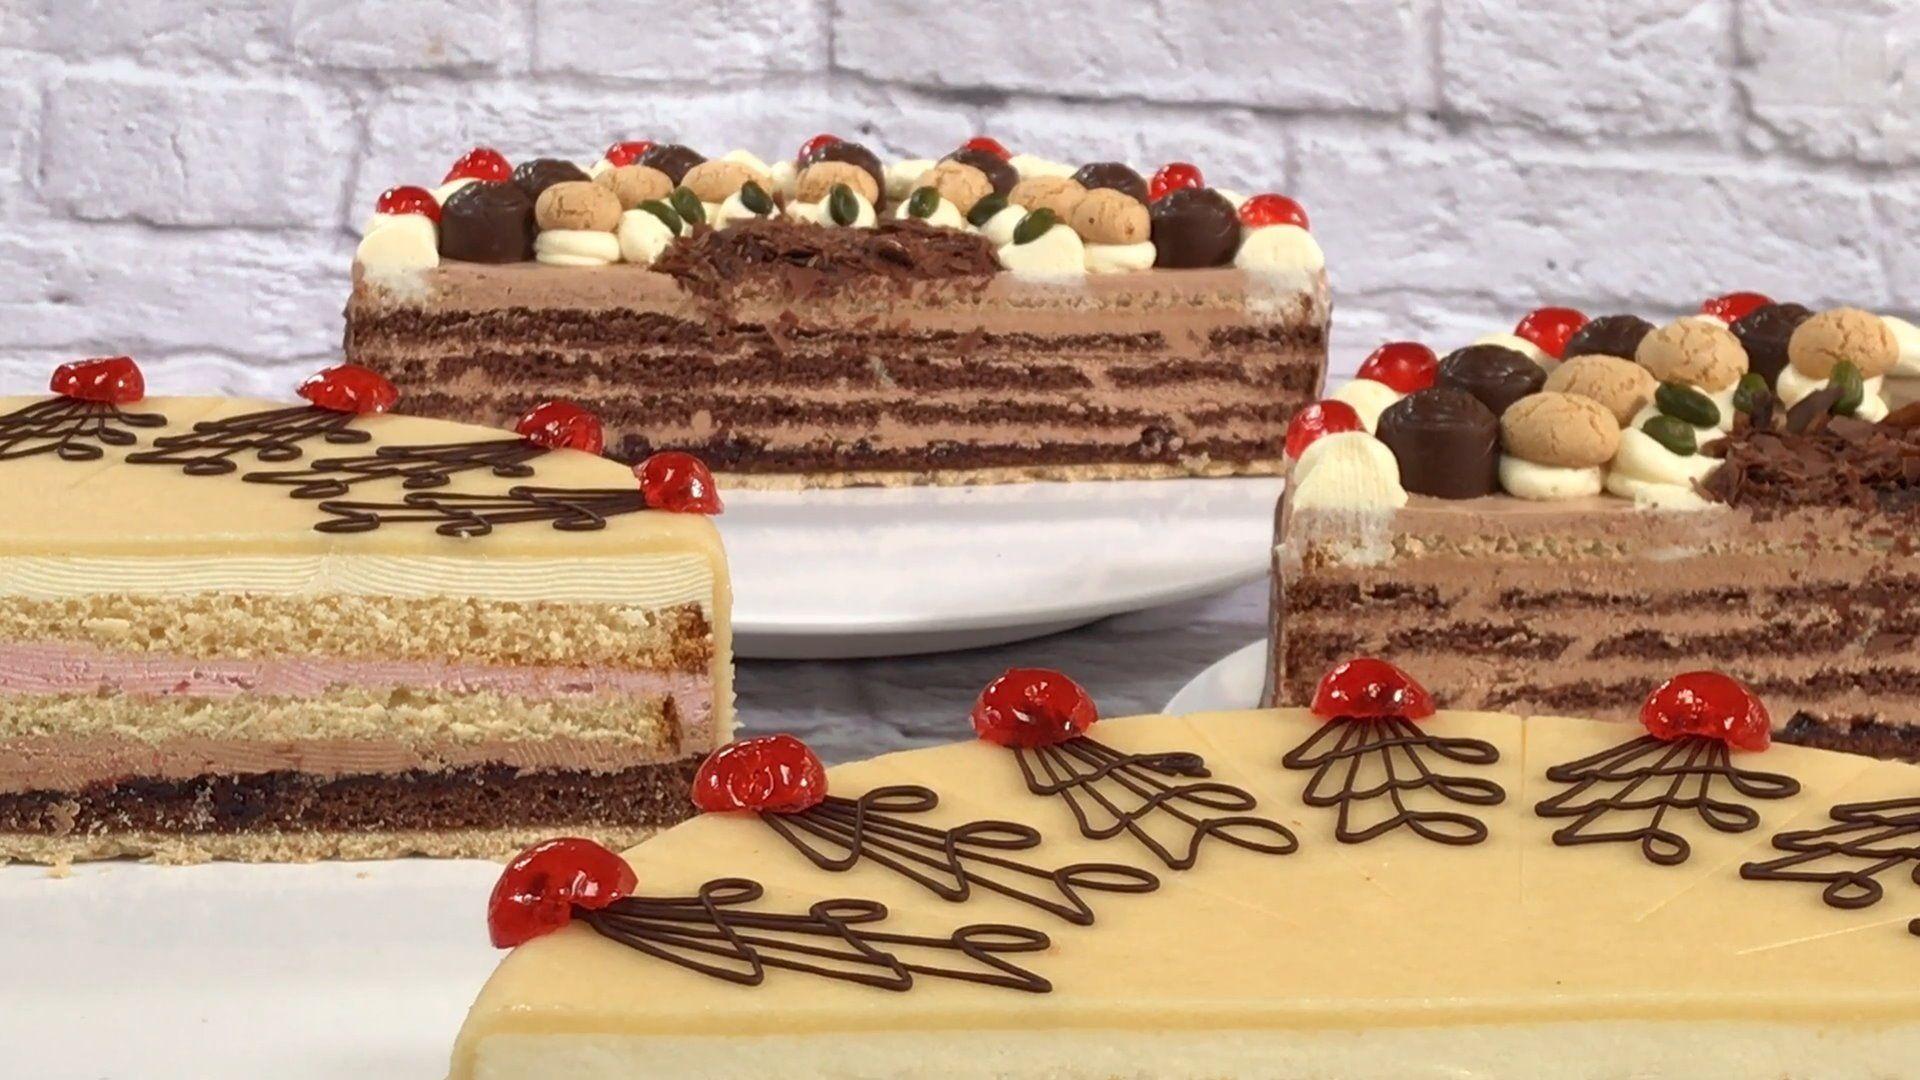 Torten - Tortenmanufaktur & Bäckerei Mohr Dortmund